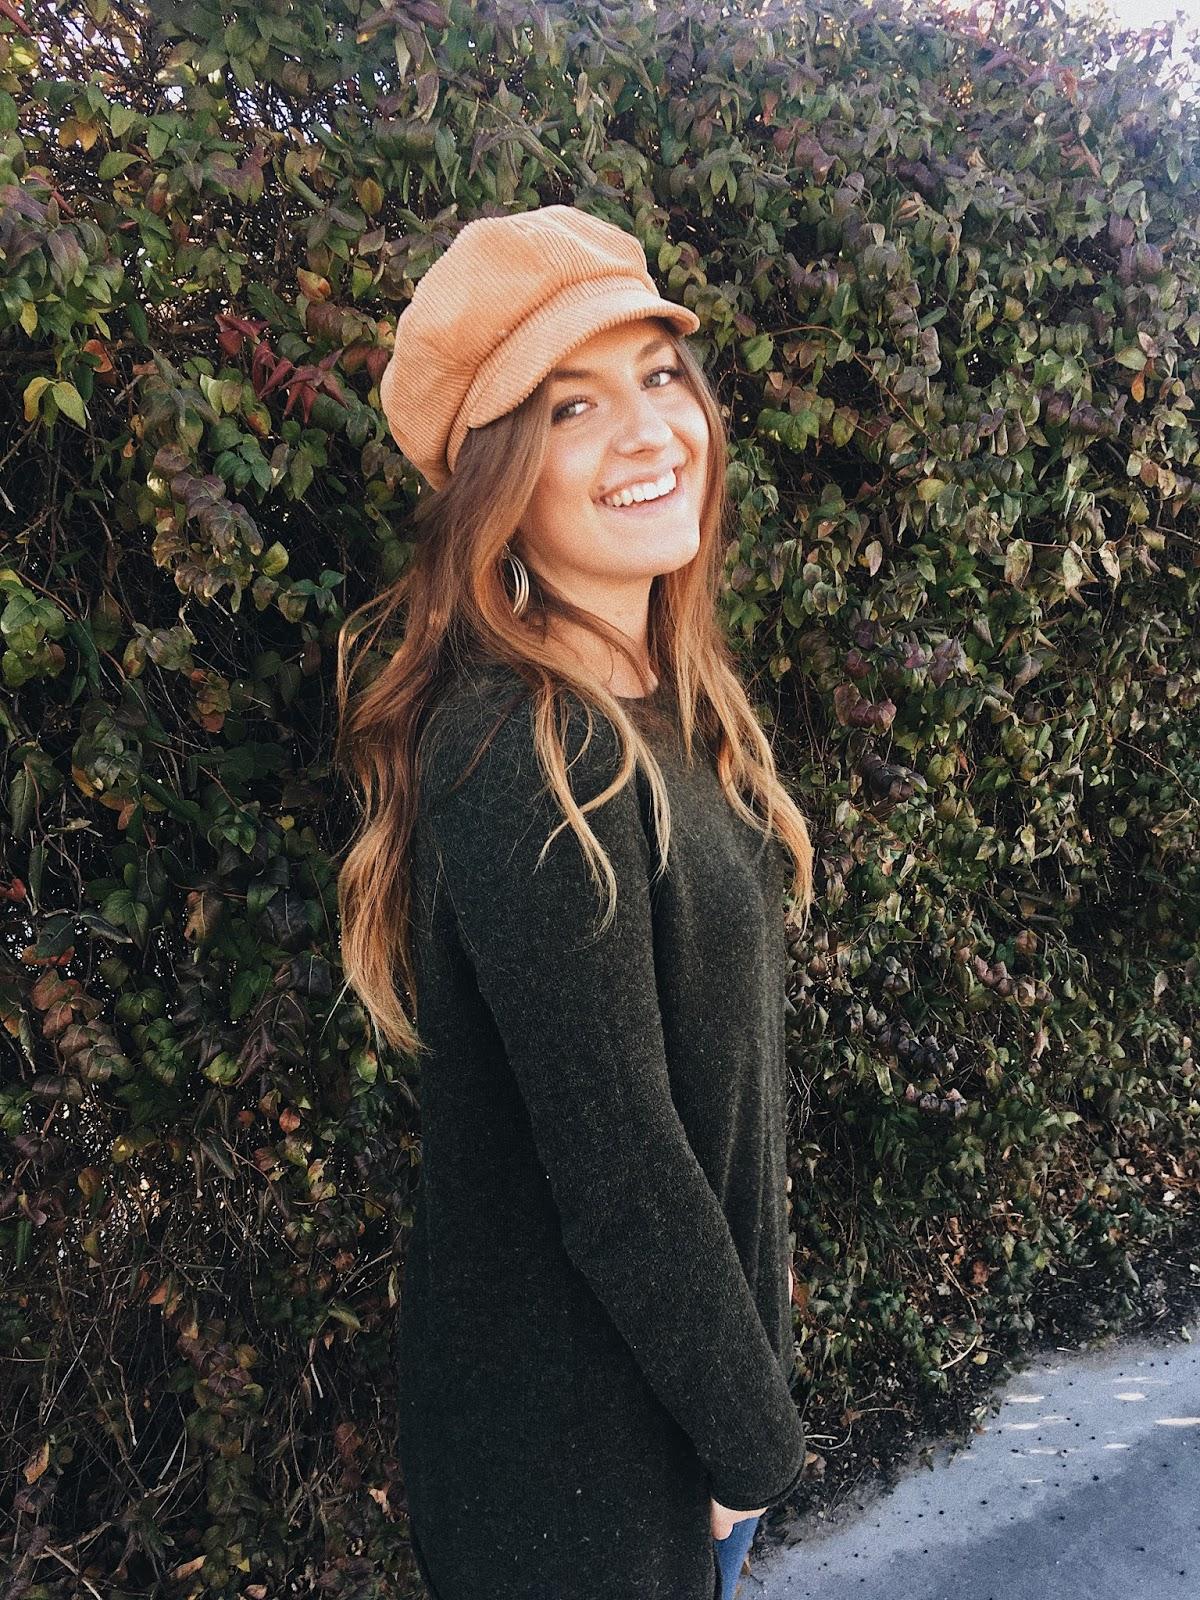 pageboy cap winter